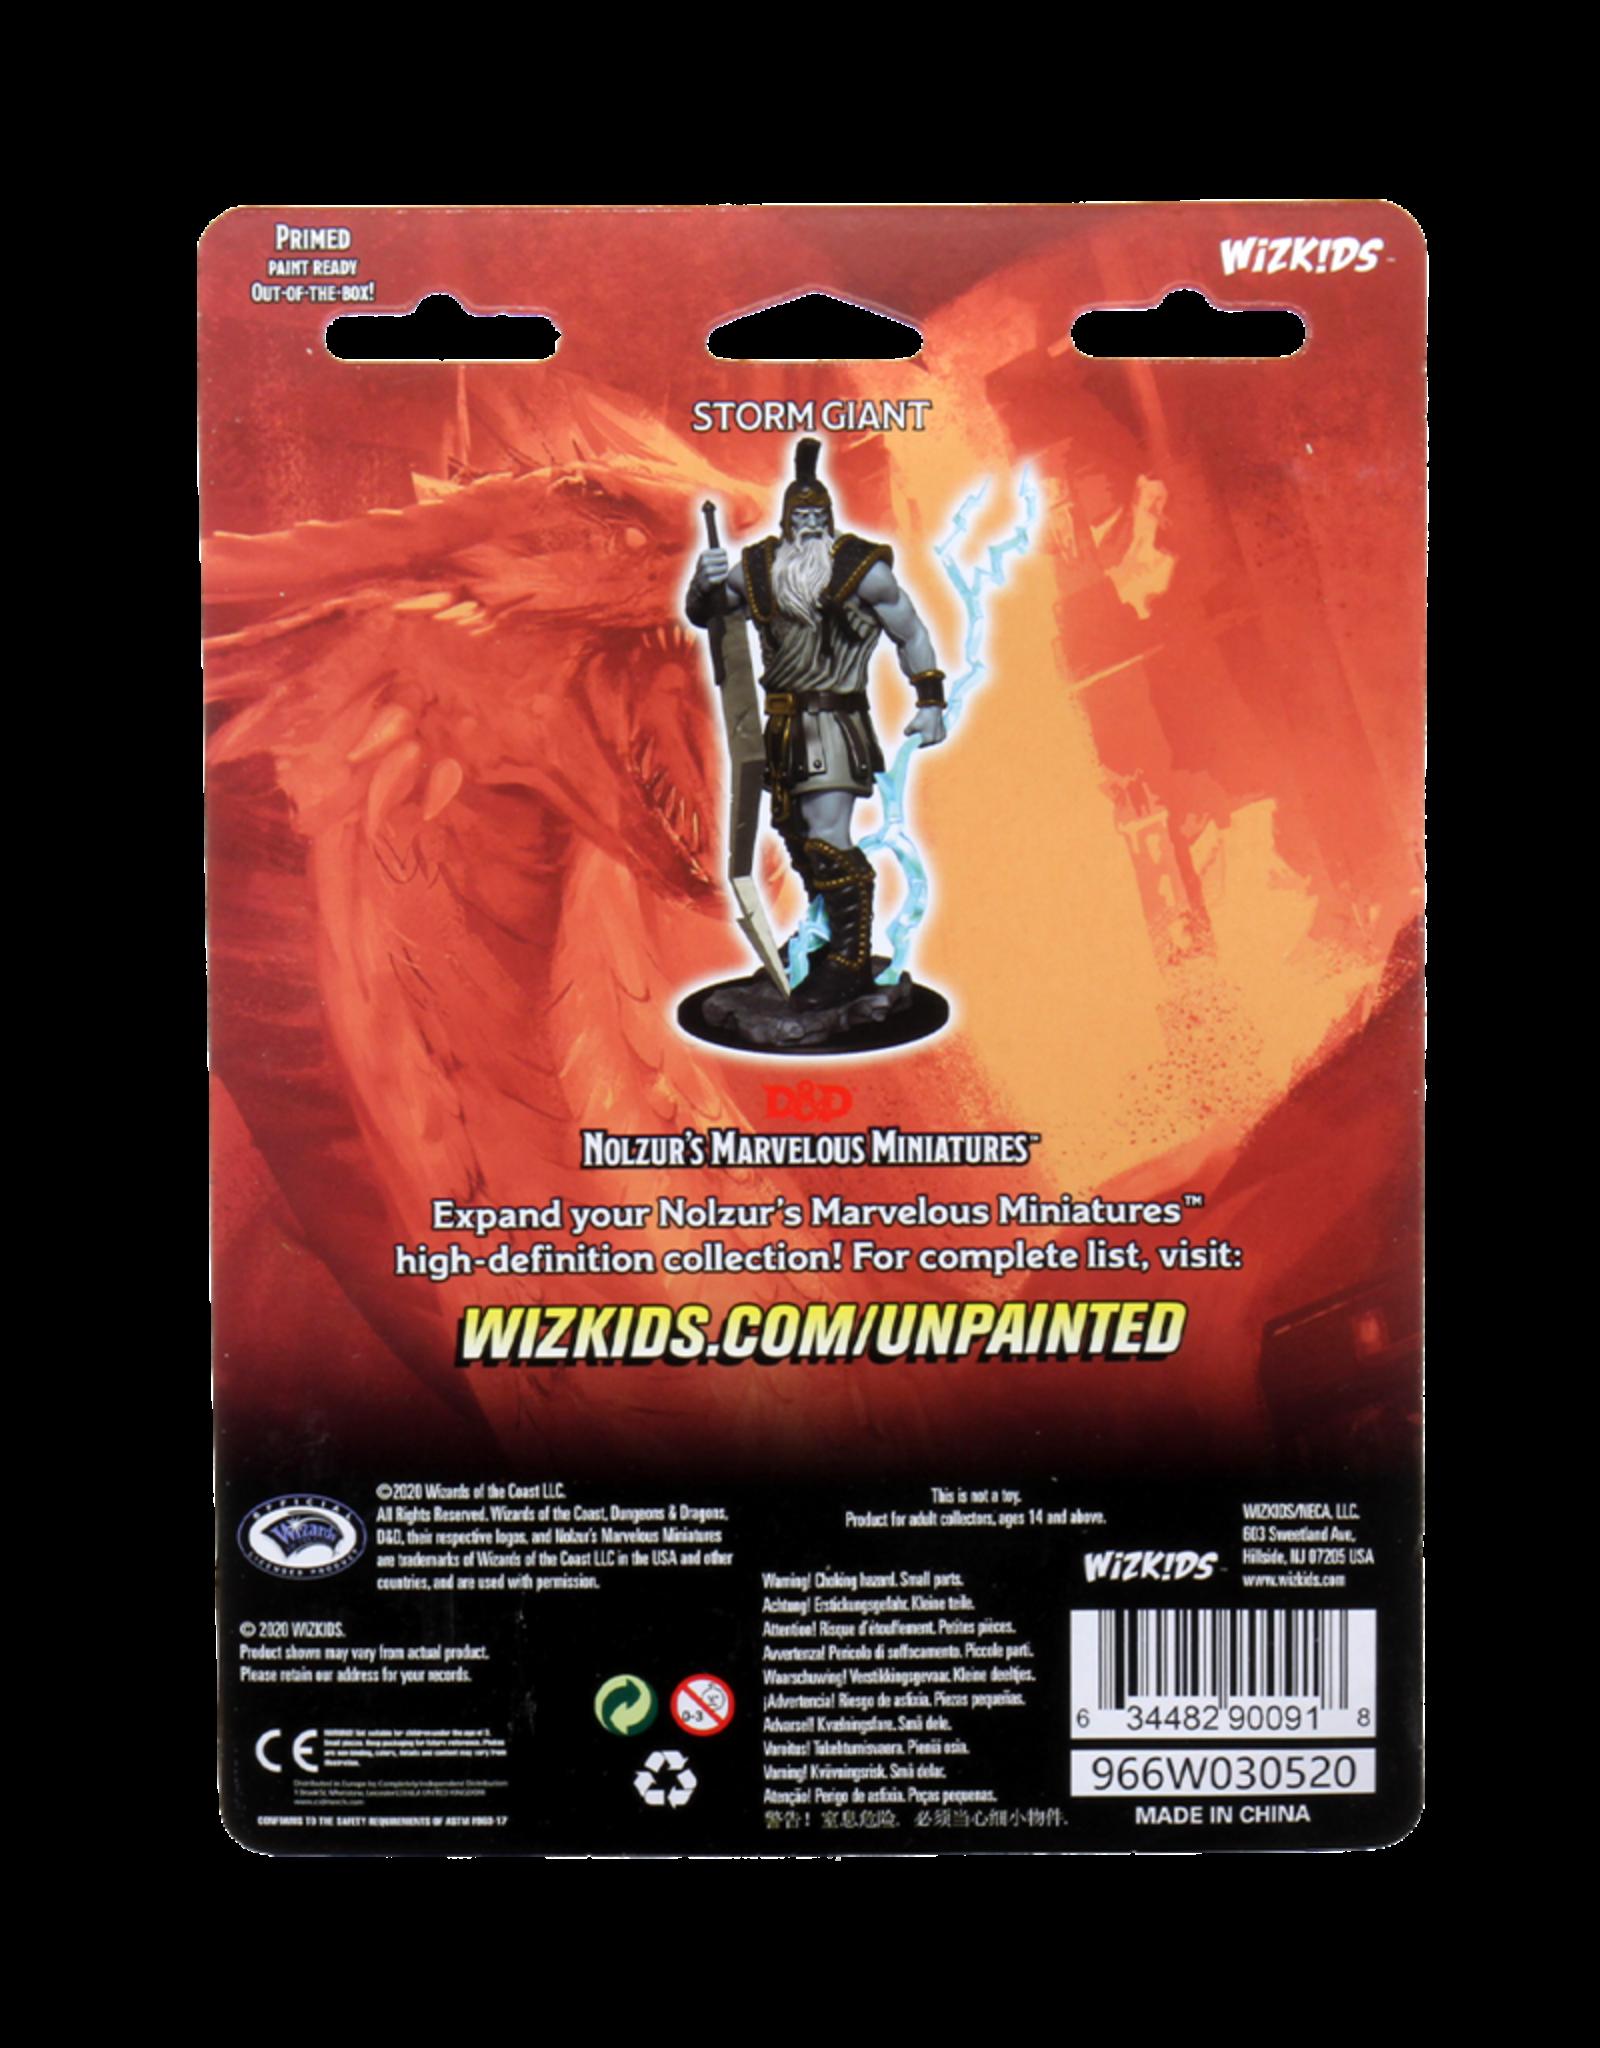 Wizkids D&D Unpainted Minis: Storm Giant